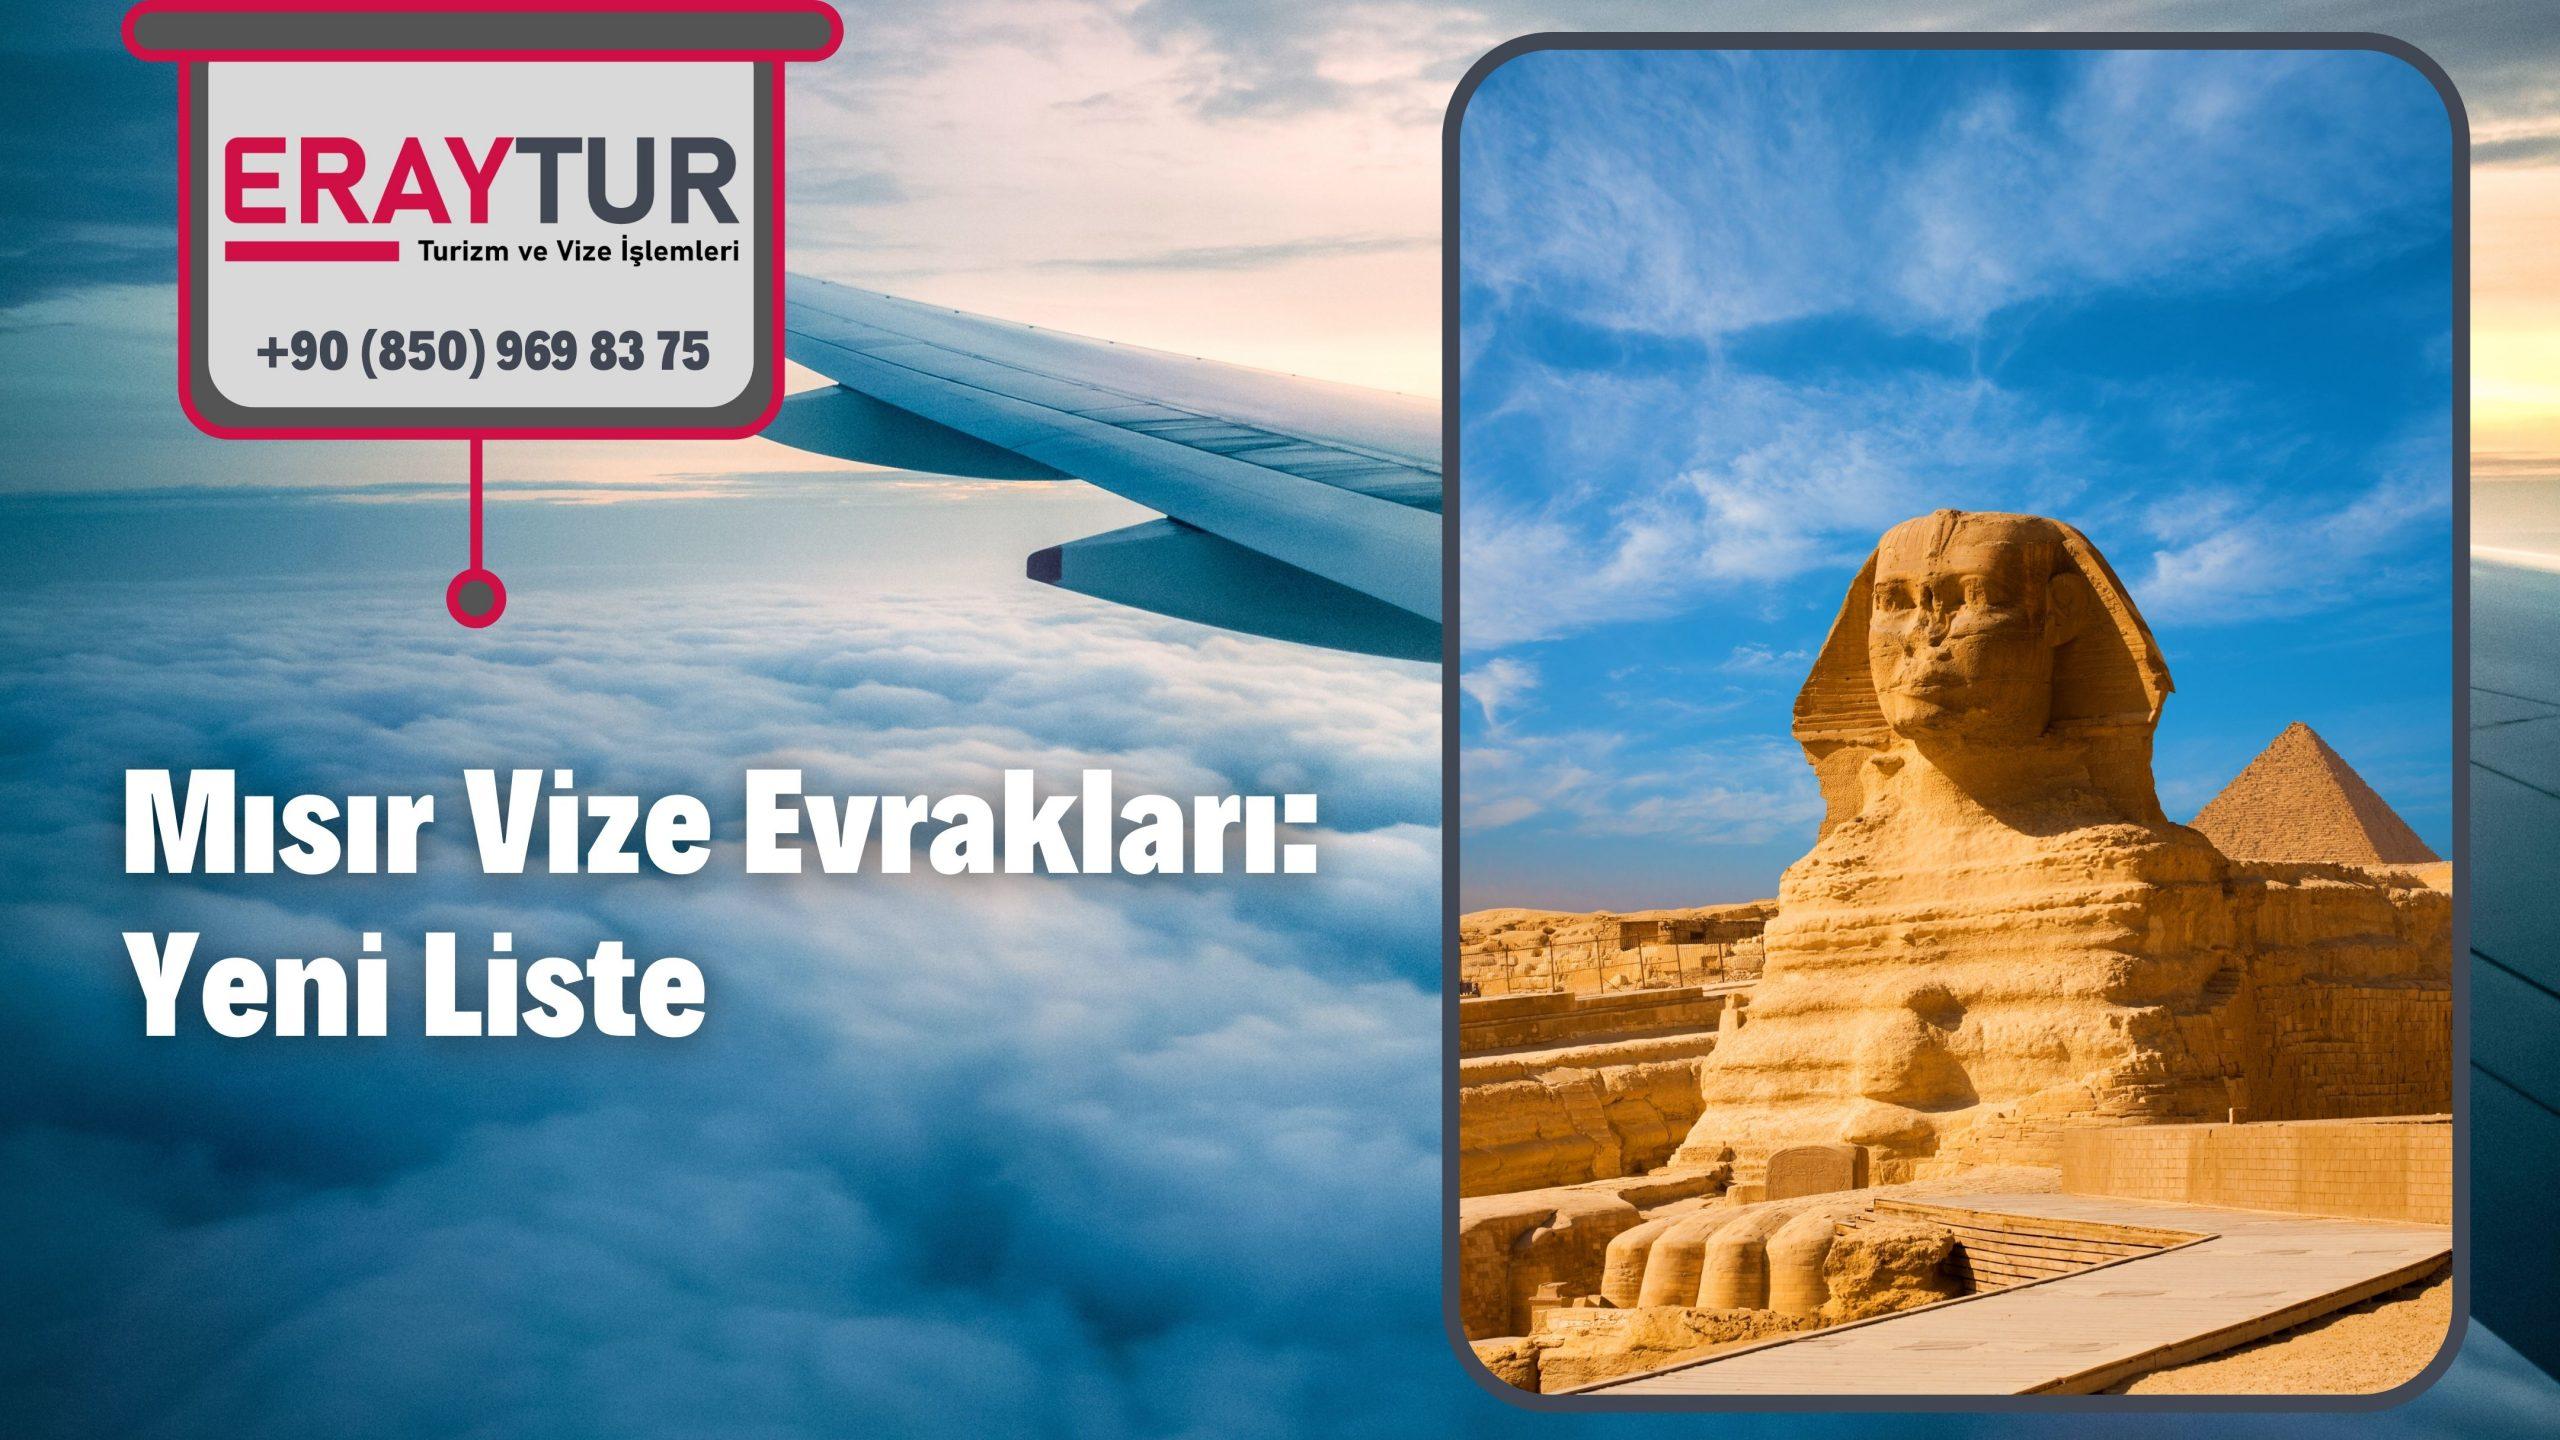 Mısır Vize Evrakları: Yeni Liste [2021]